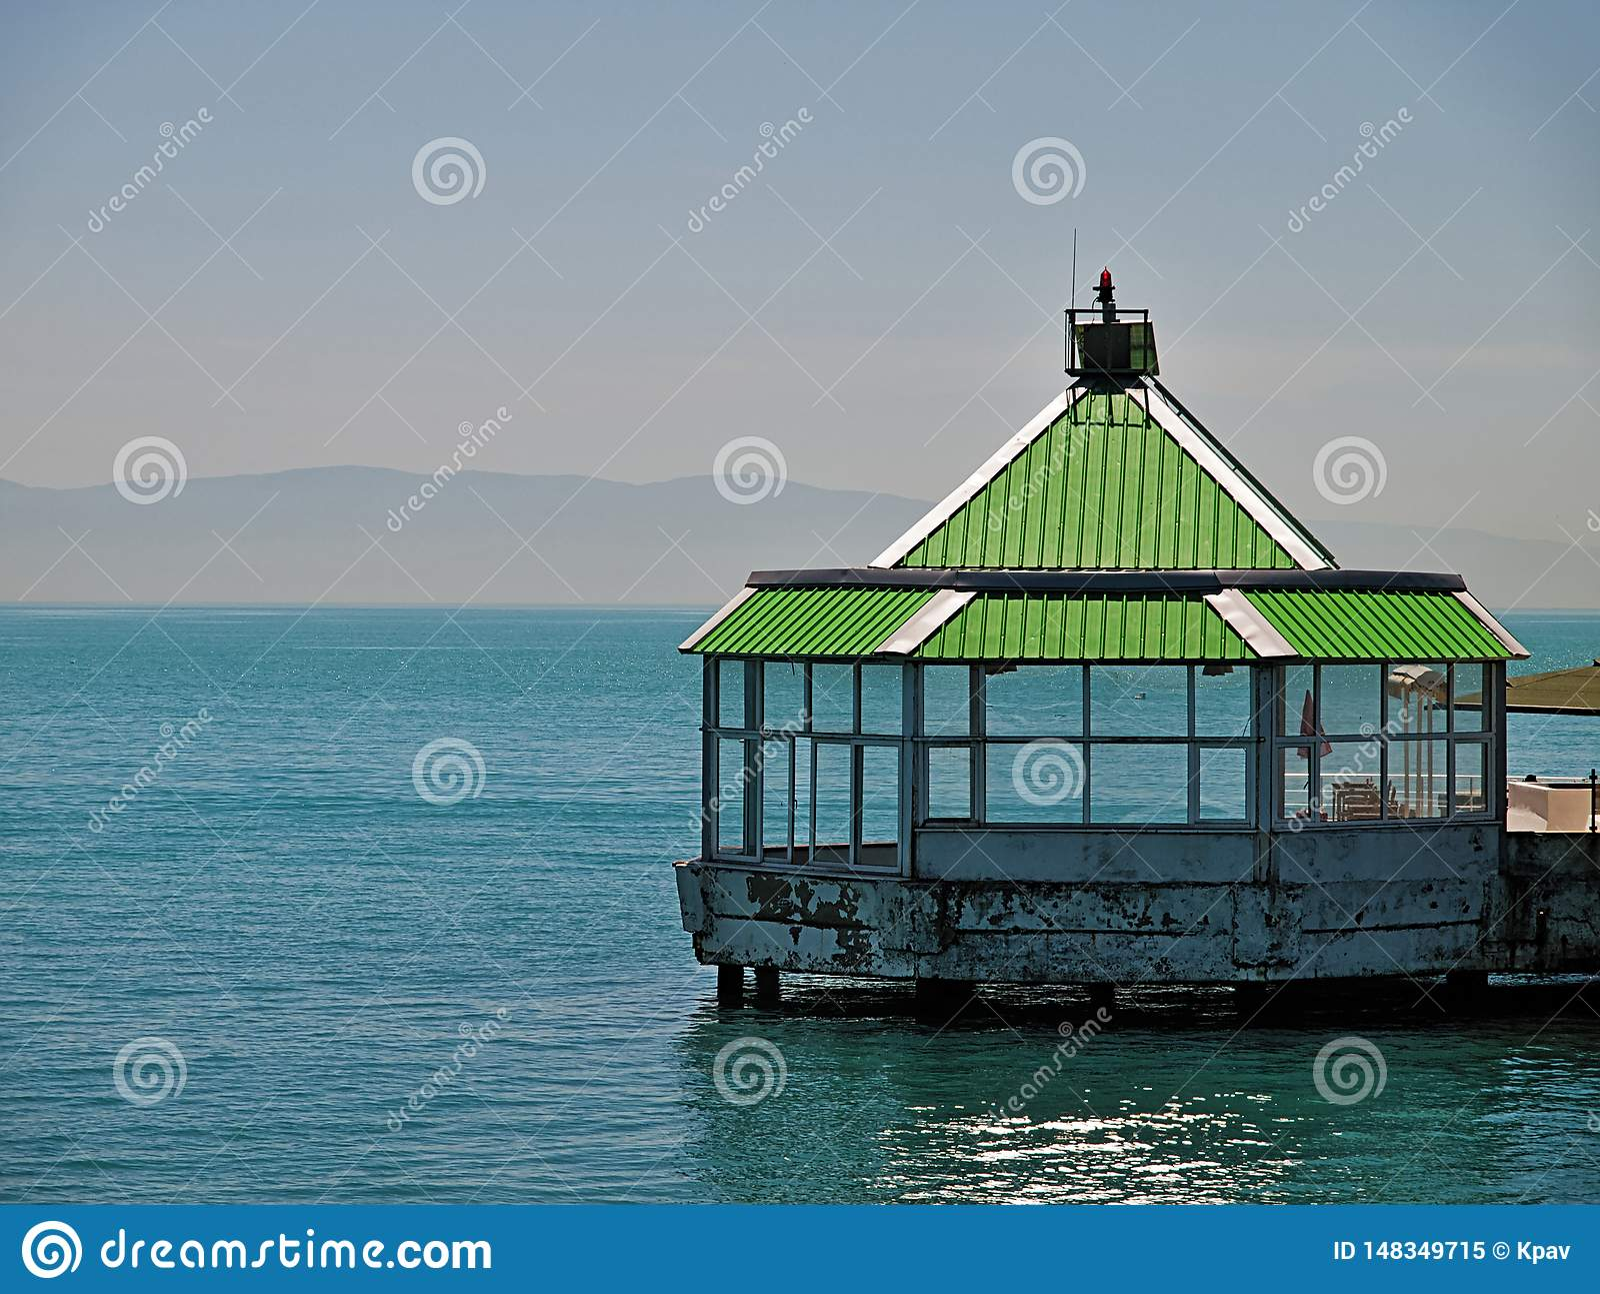 Kiosque sur la mer